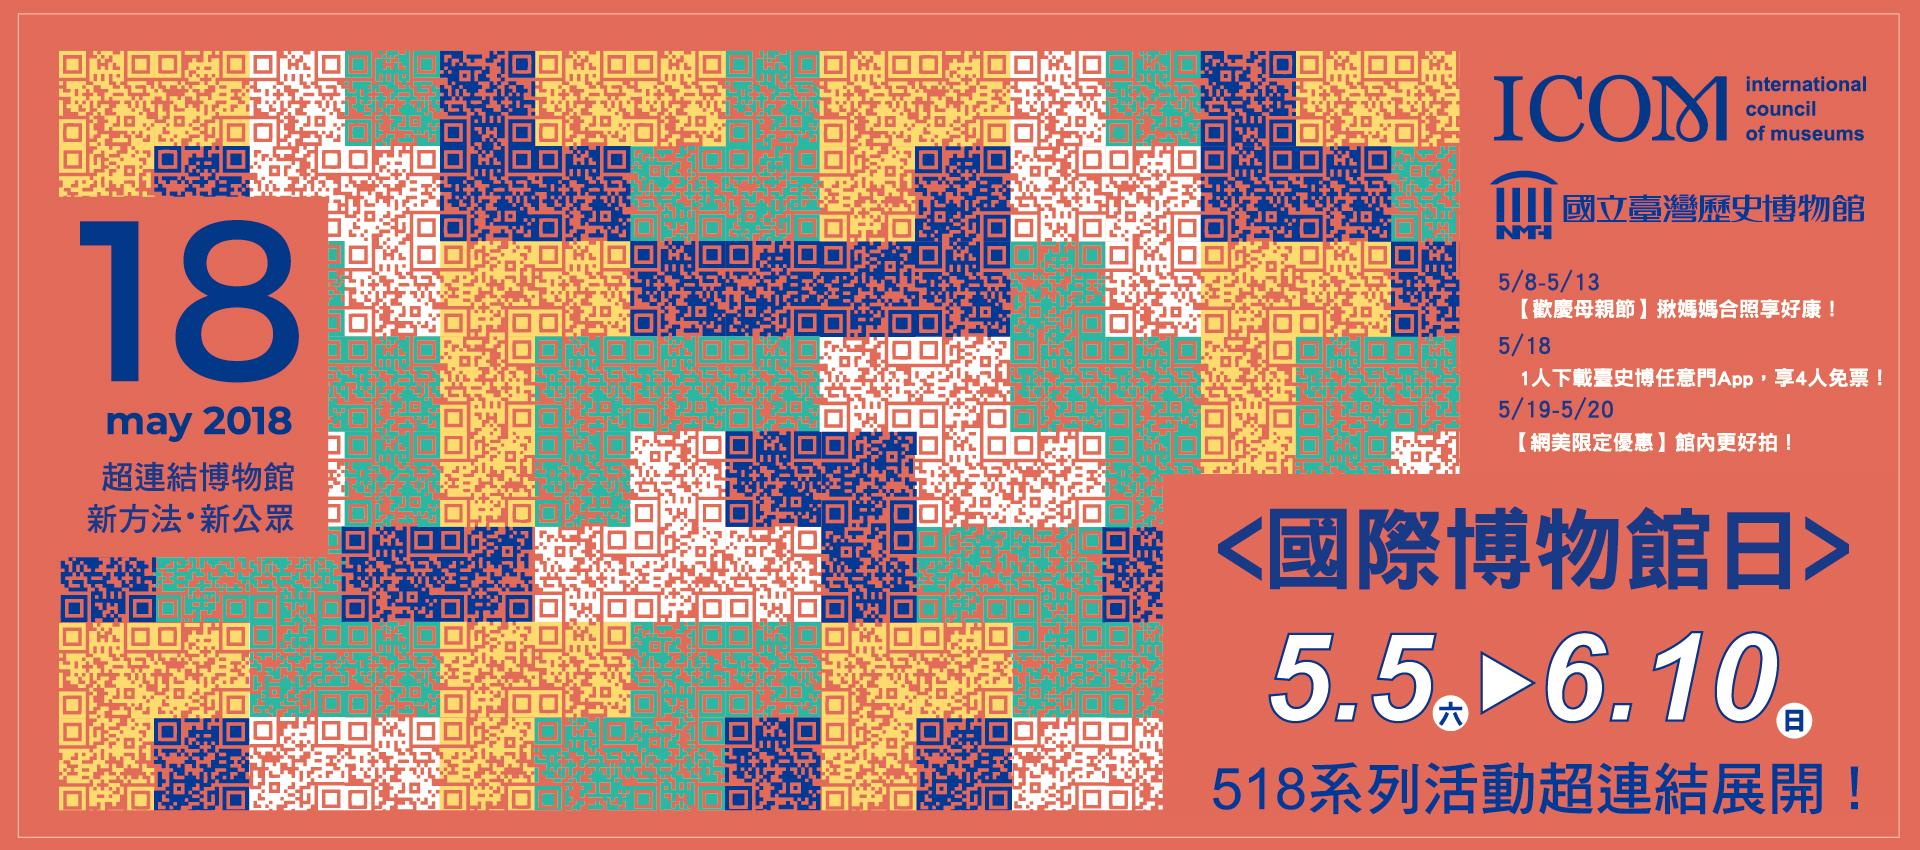 518 國際博物館日系列活動[另開新視窗]